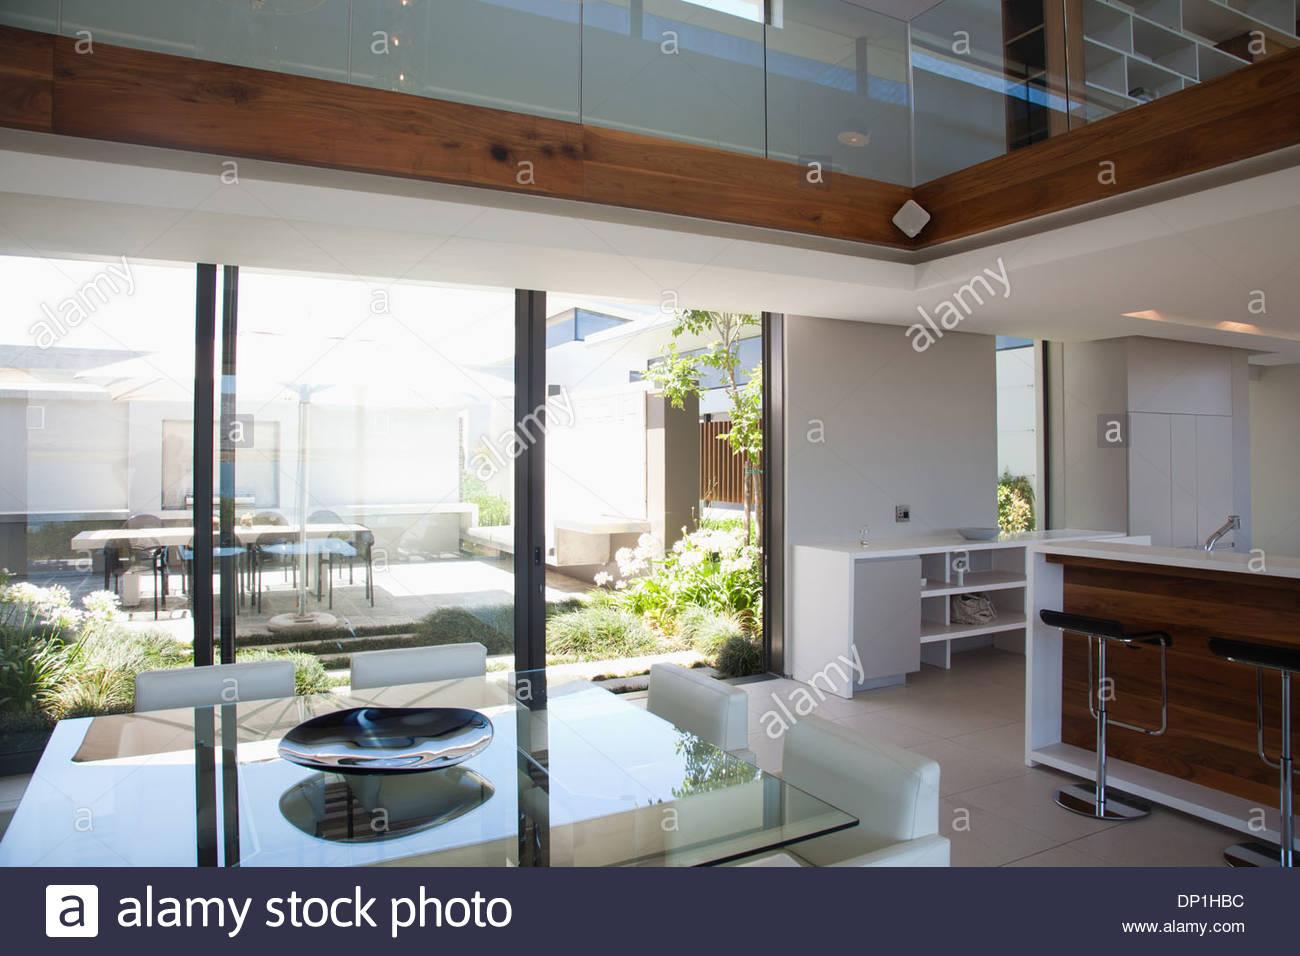 Esszimmer und offenen Grundriss in modernen Haus Stockbild